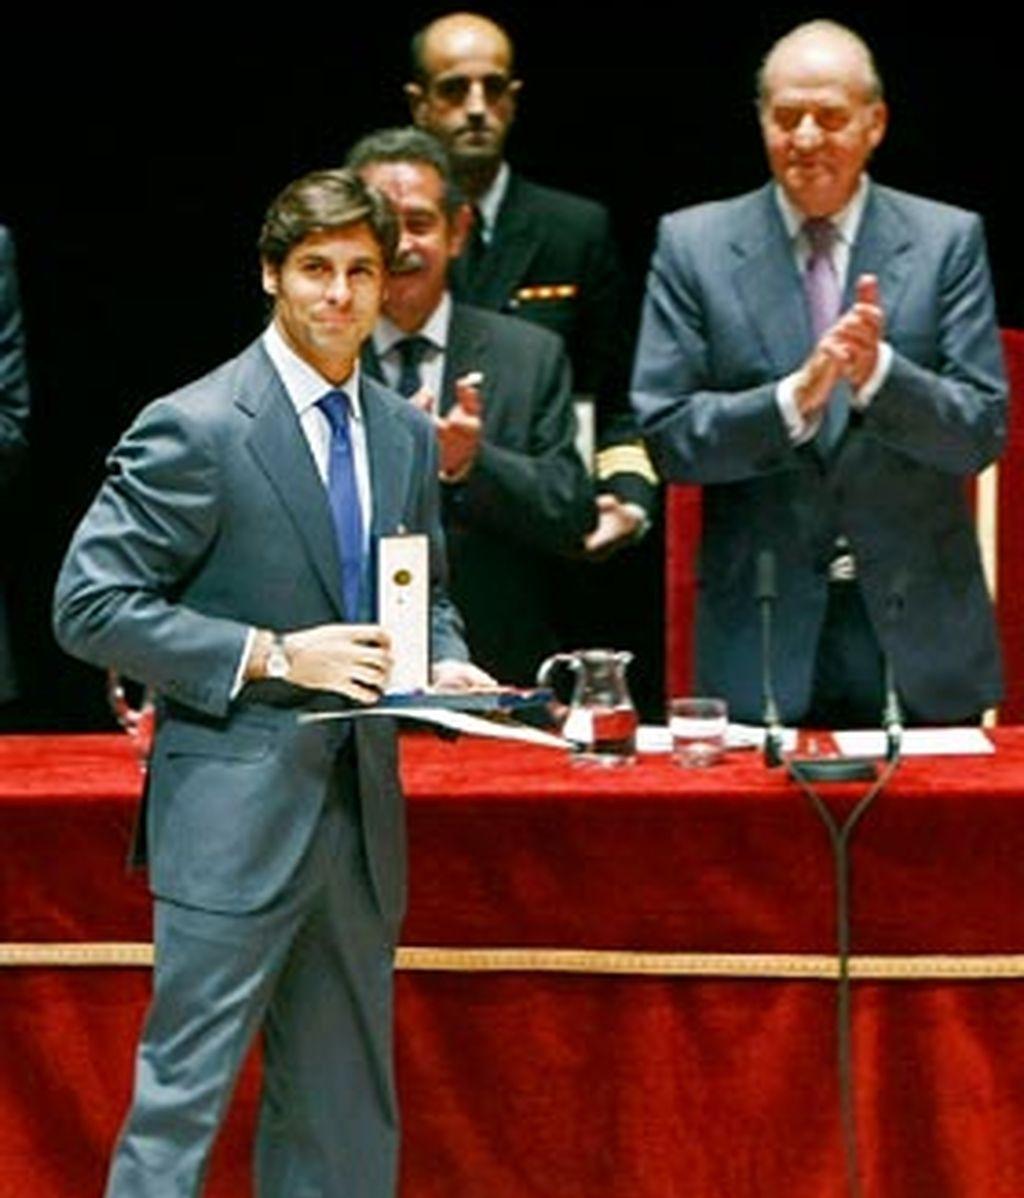 Fran Rivera recibe la Medalla de Oro al Mérito en las Bellas Artes, en una ceremonia presidida por los Reyes de España en el Palacio de Festivales de Cantabria.